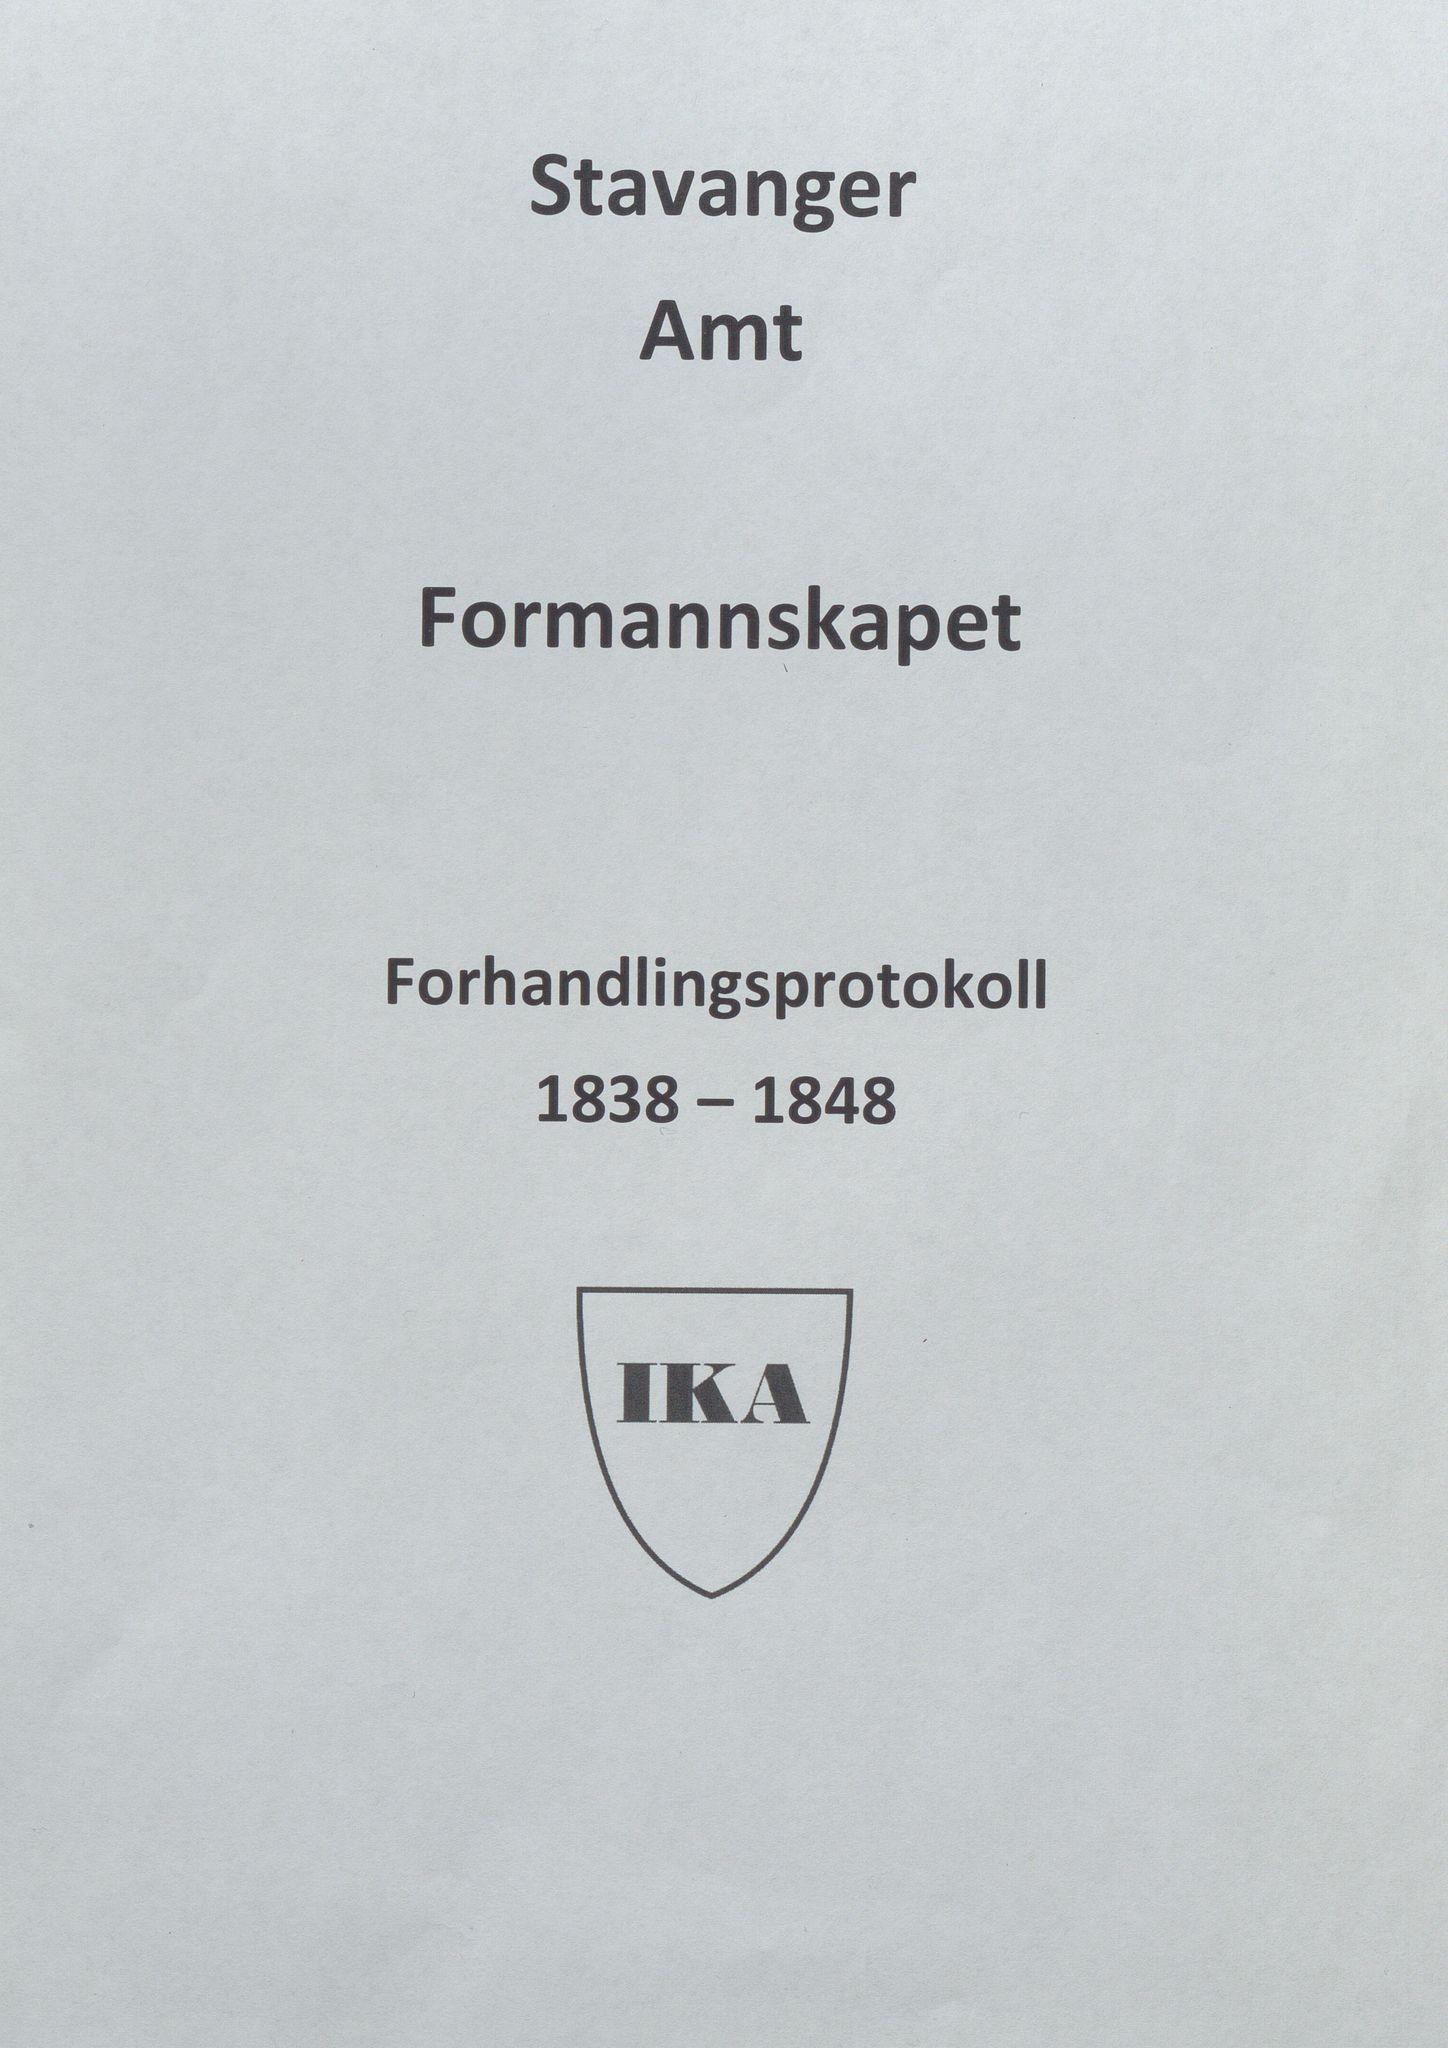 IKAR, Rogaland fylkeskommune - Fylkesrådmannen , A, 1838-1848